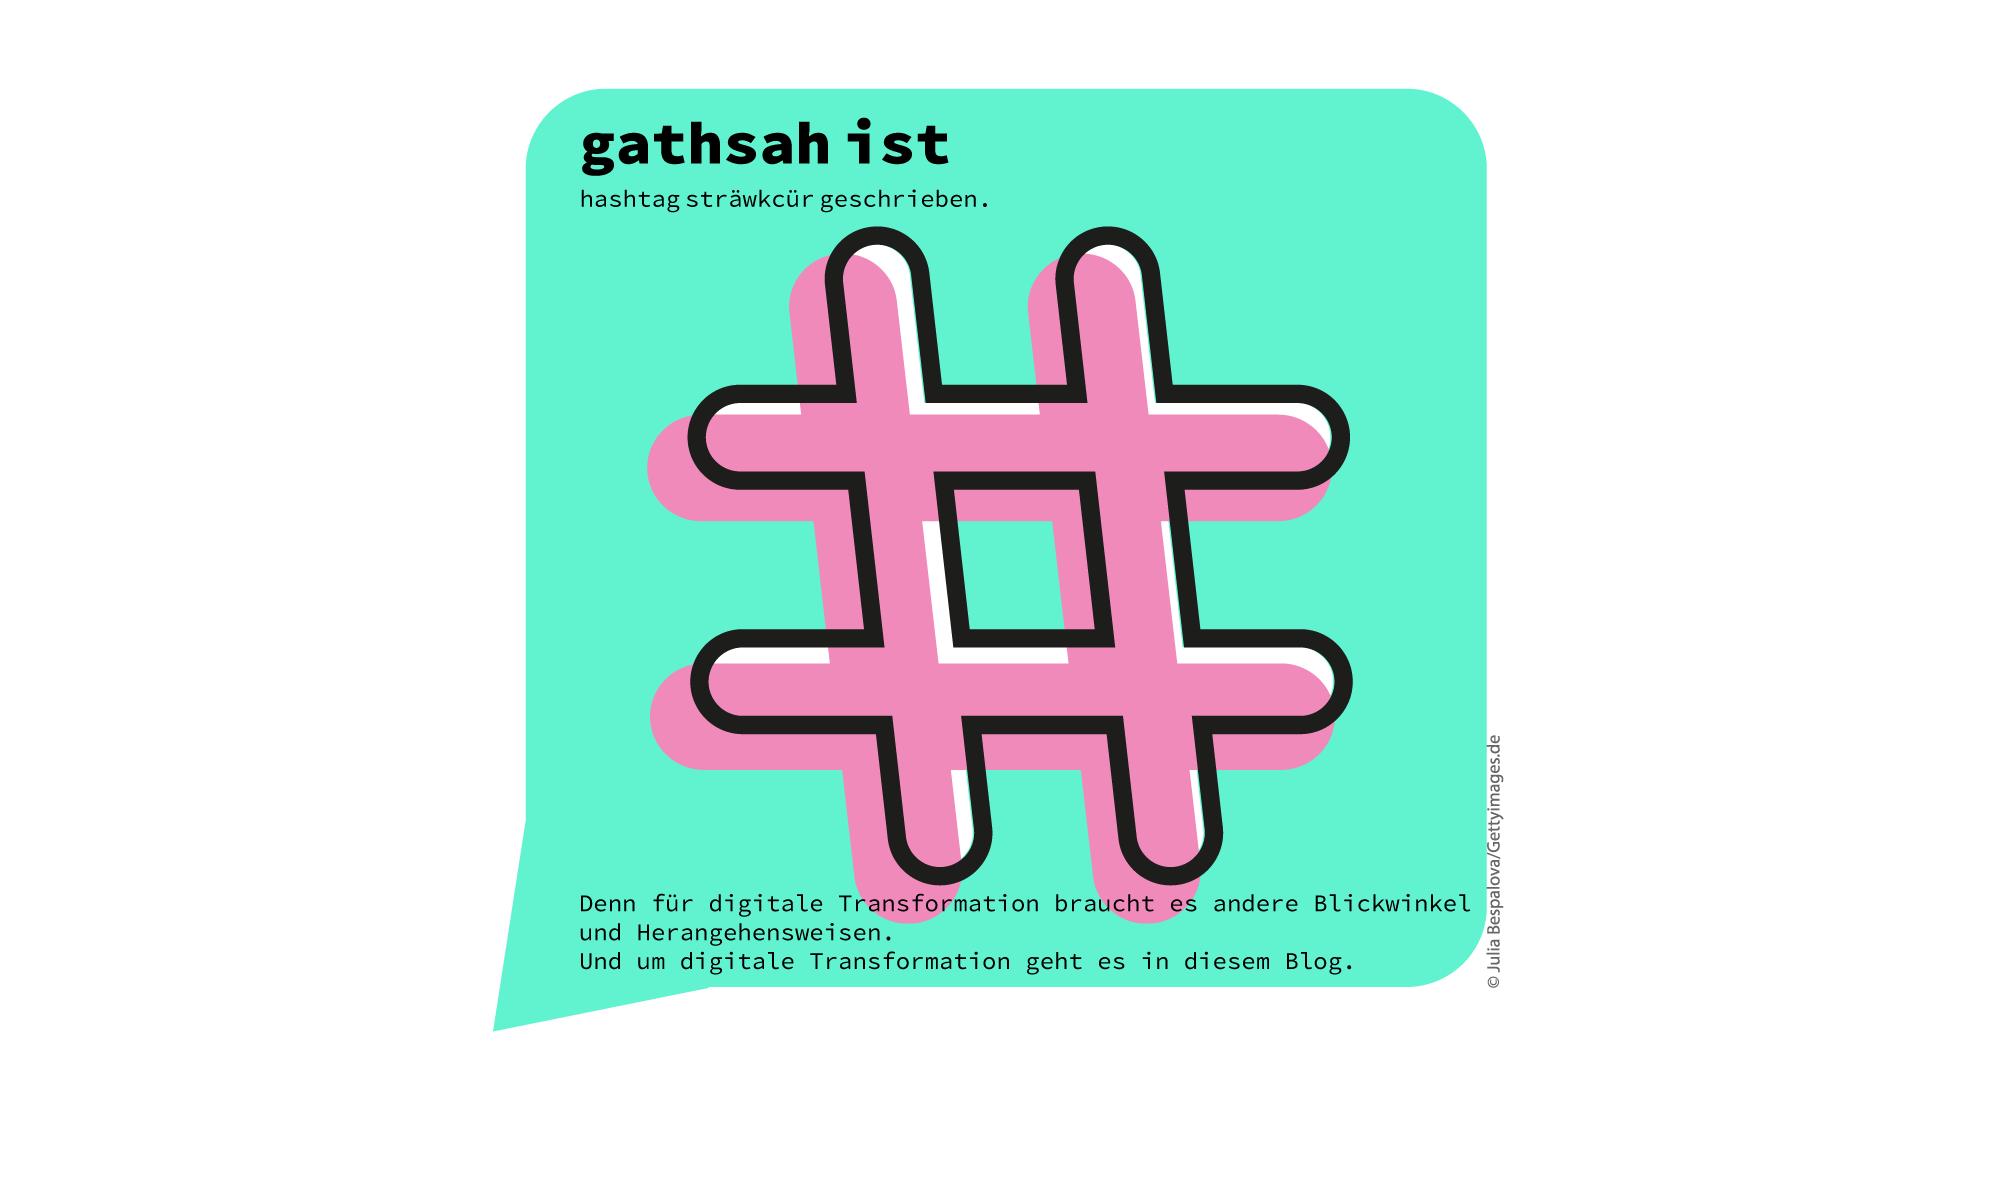 gathsah ist #hashtag sträwkcür geschrieben